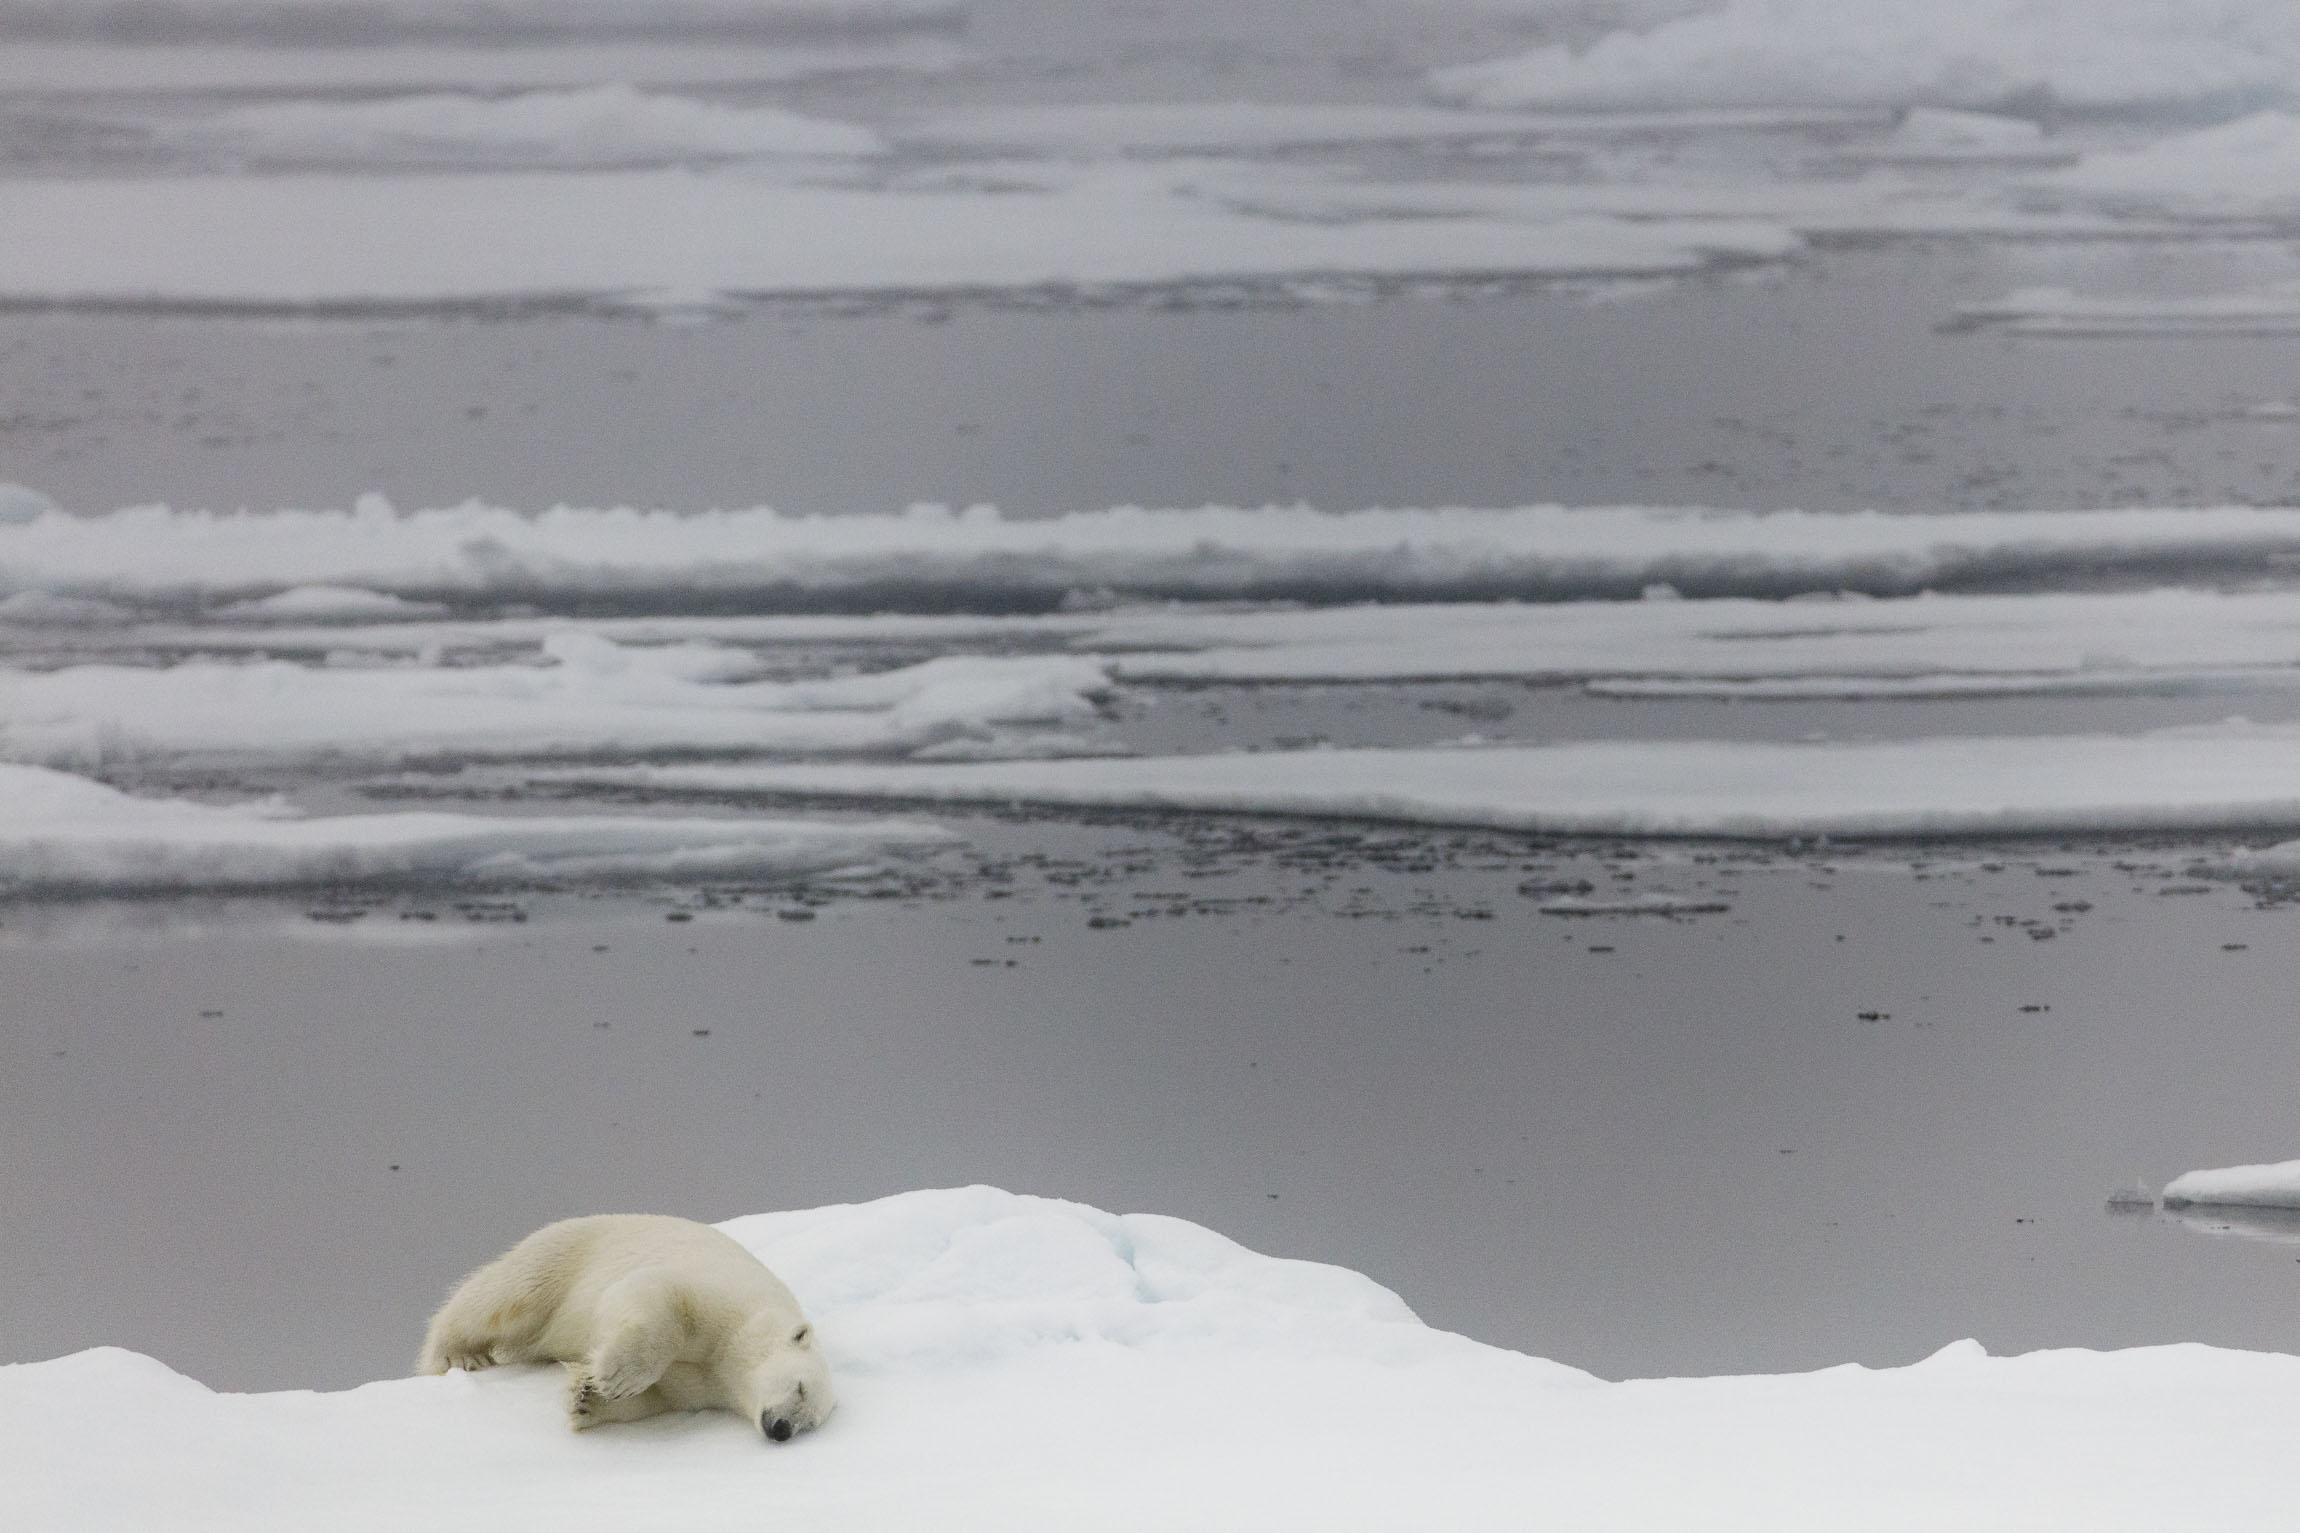 A polar bear sleeps on the edge of an ice floe